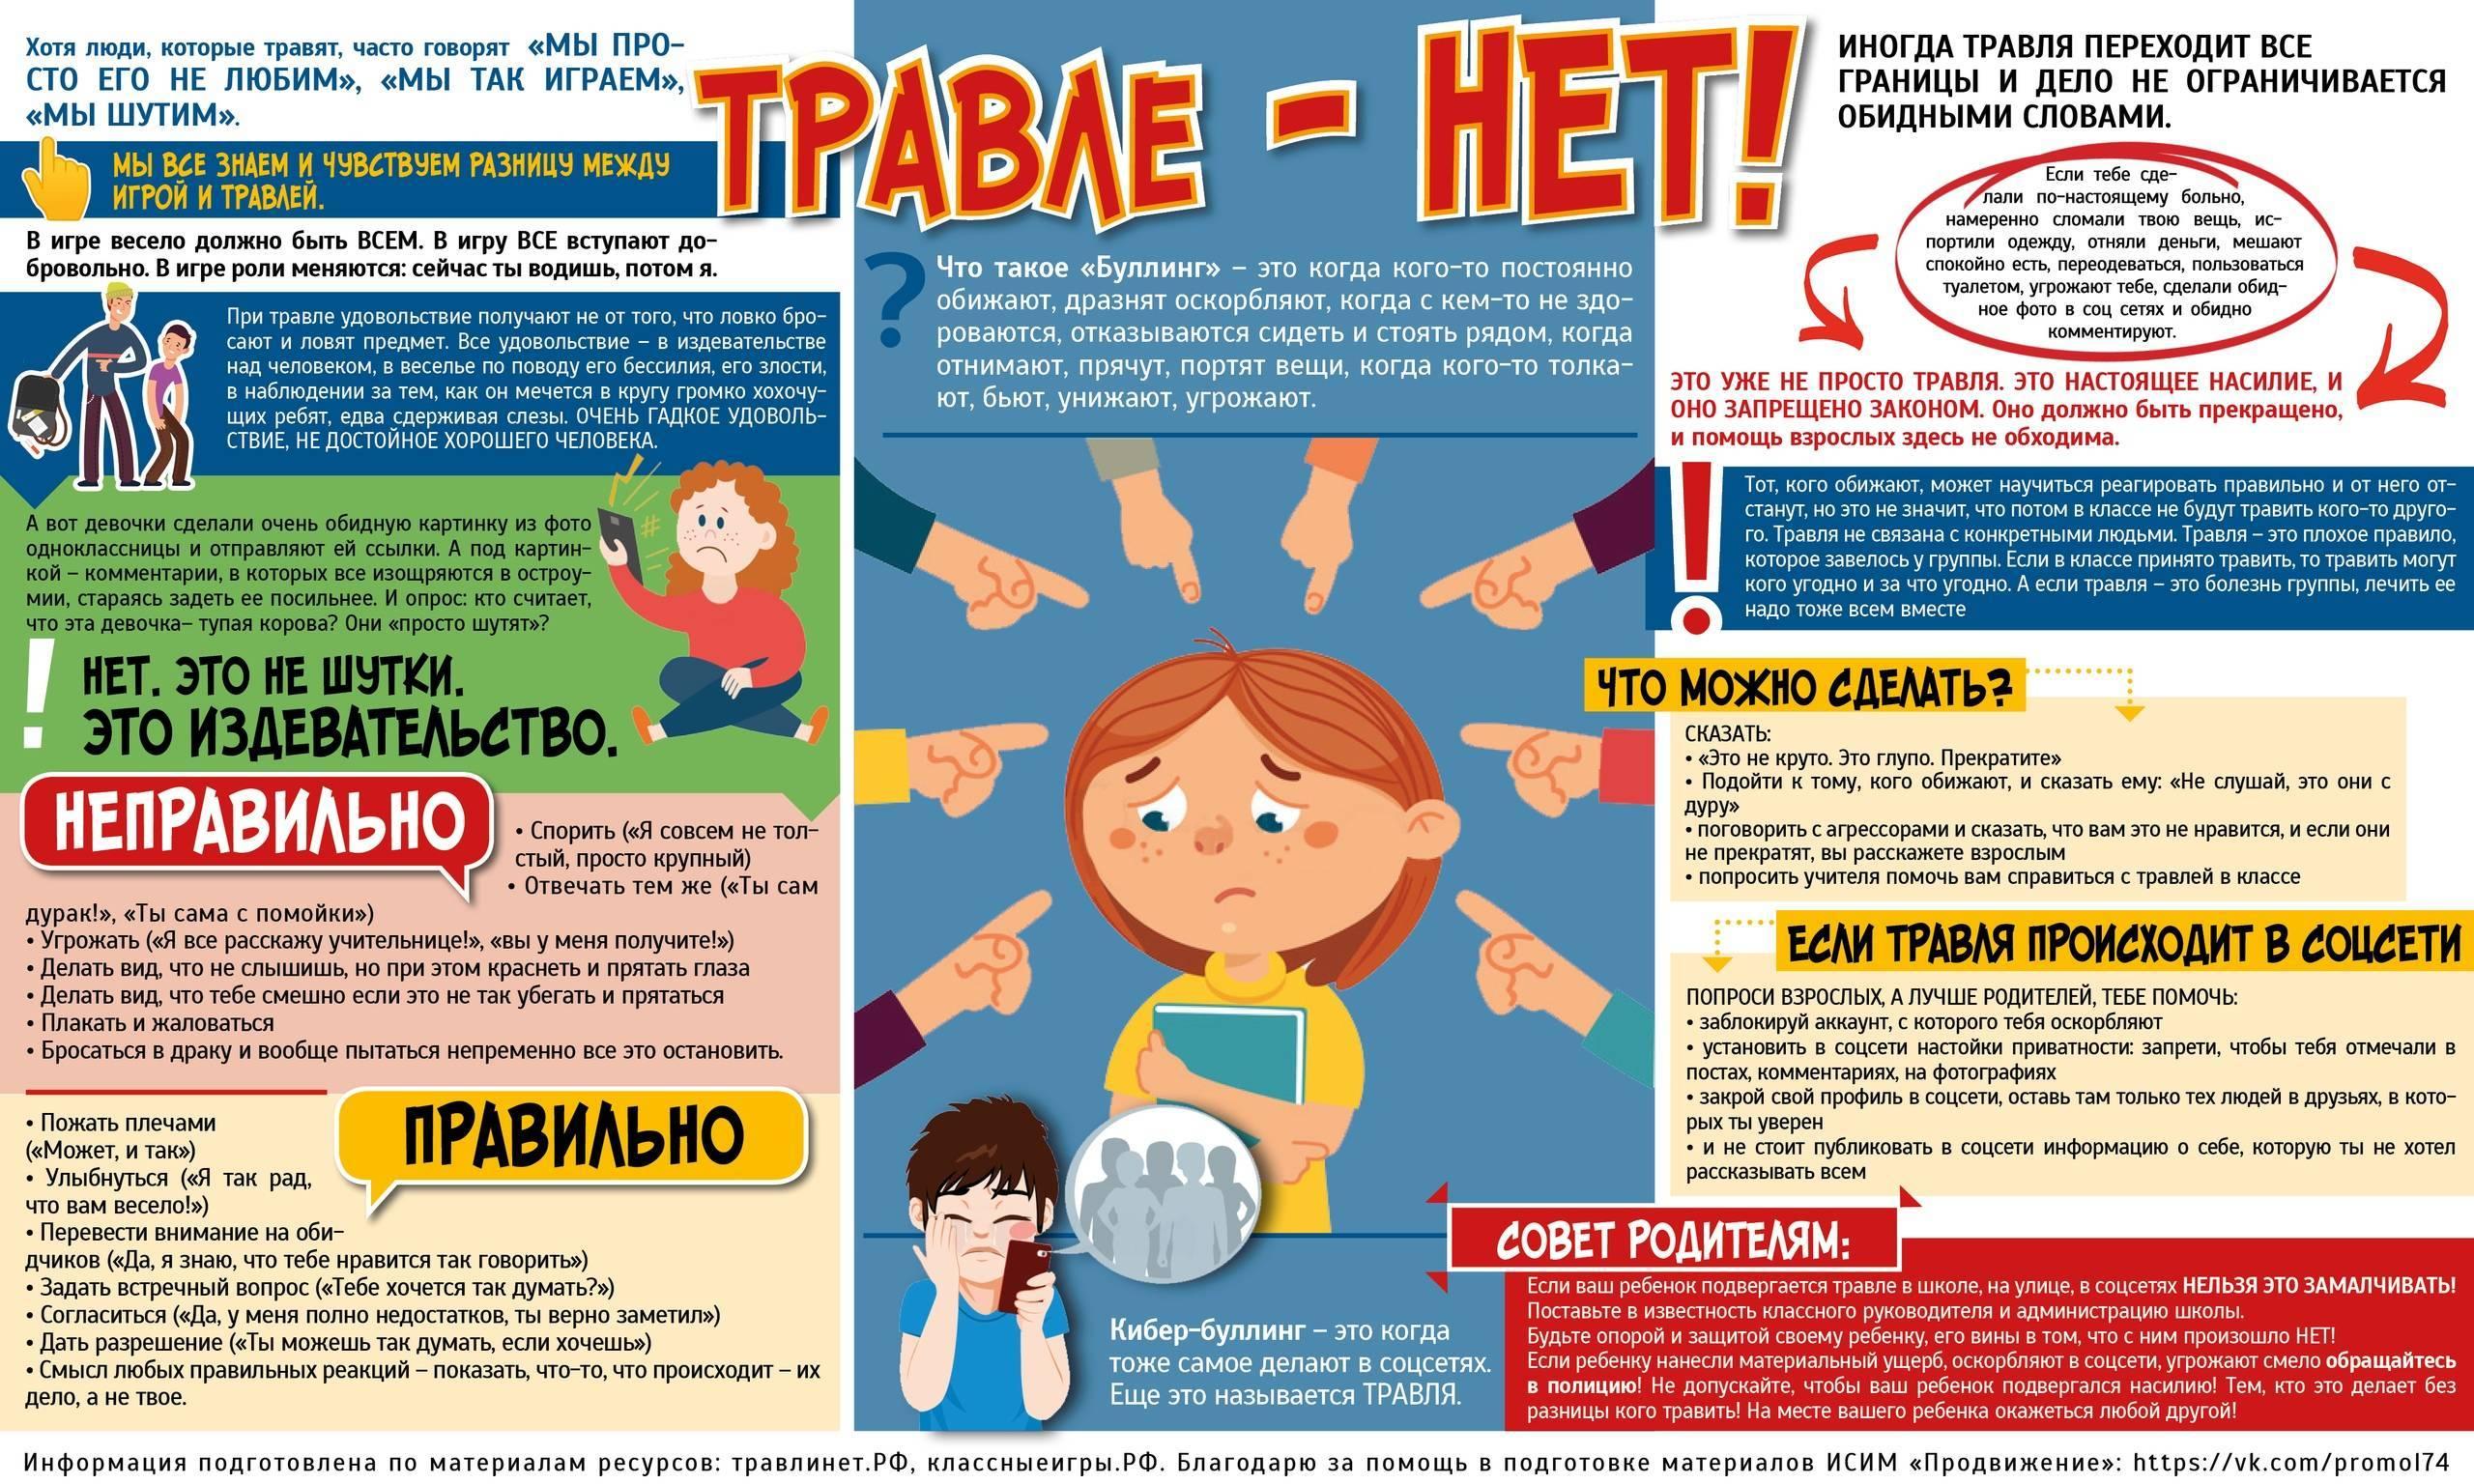 Буллинг и травля в школе: что делать и как защитить себя - советы психологов